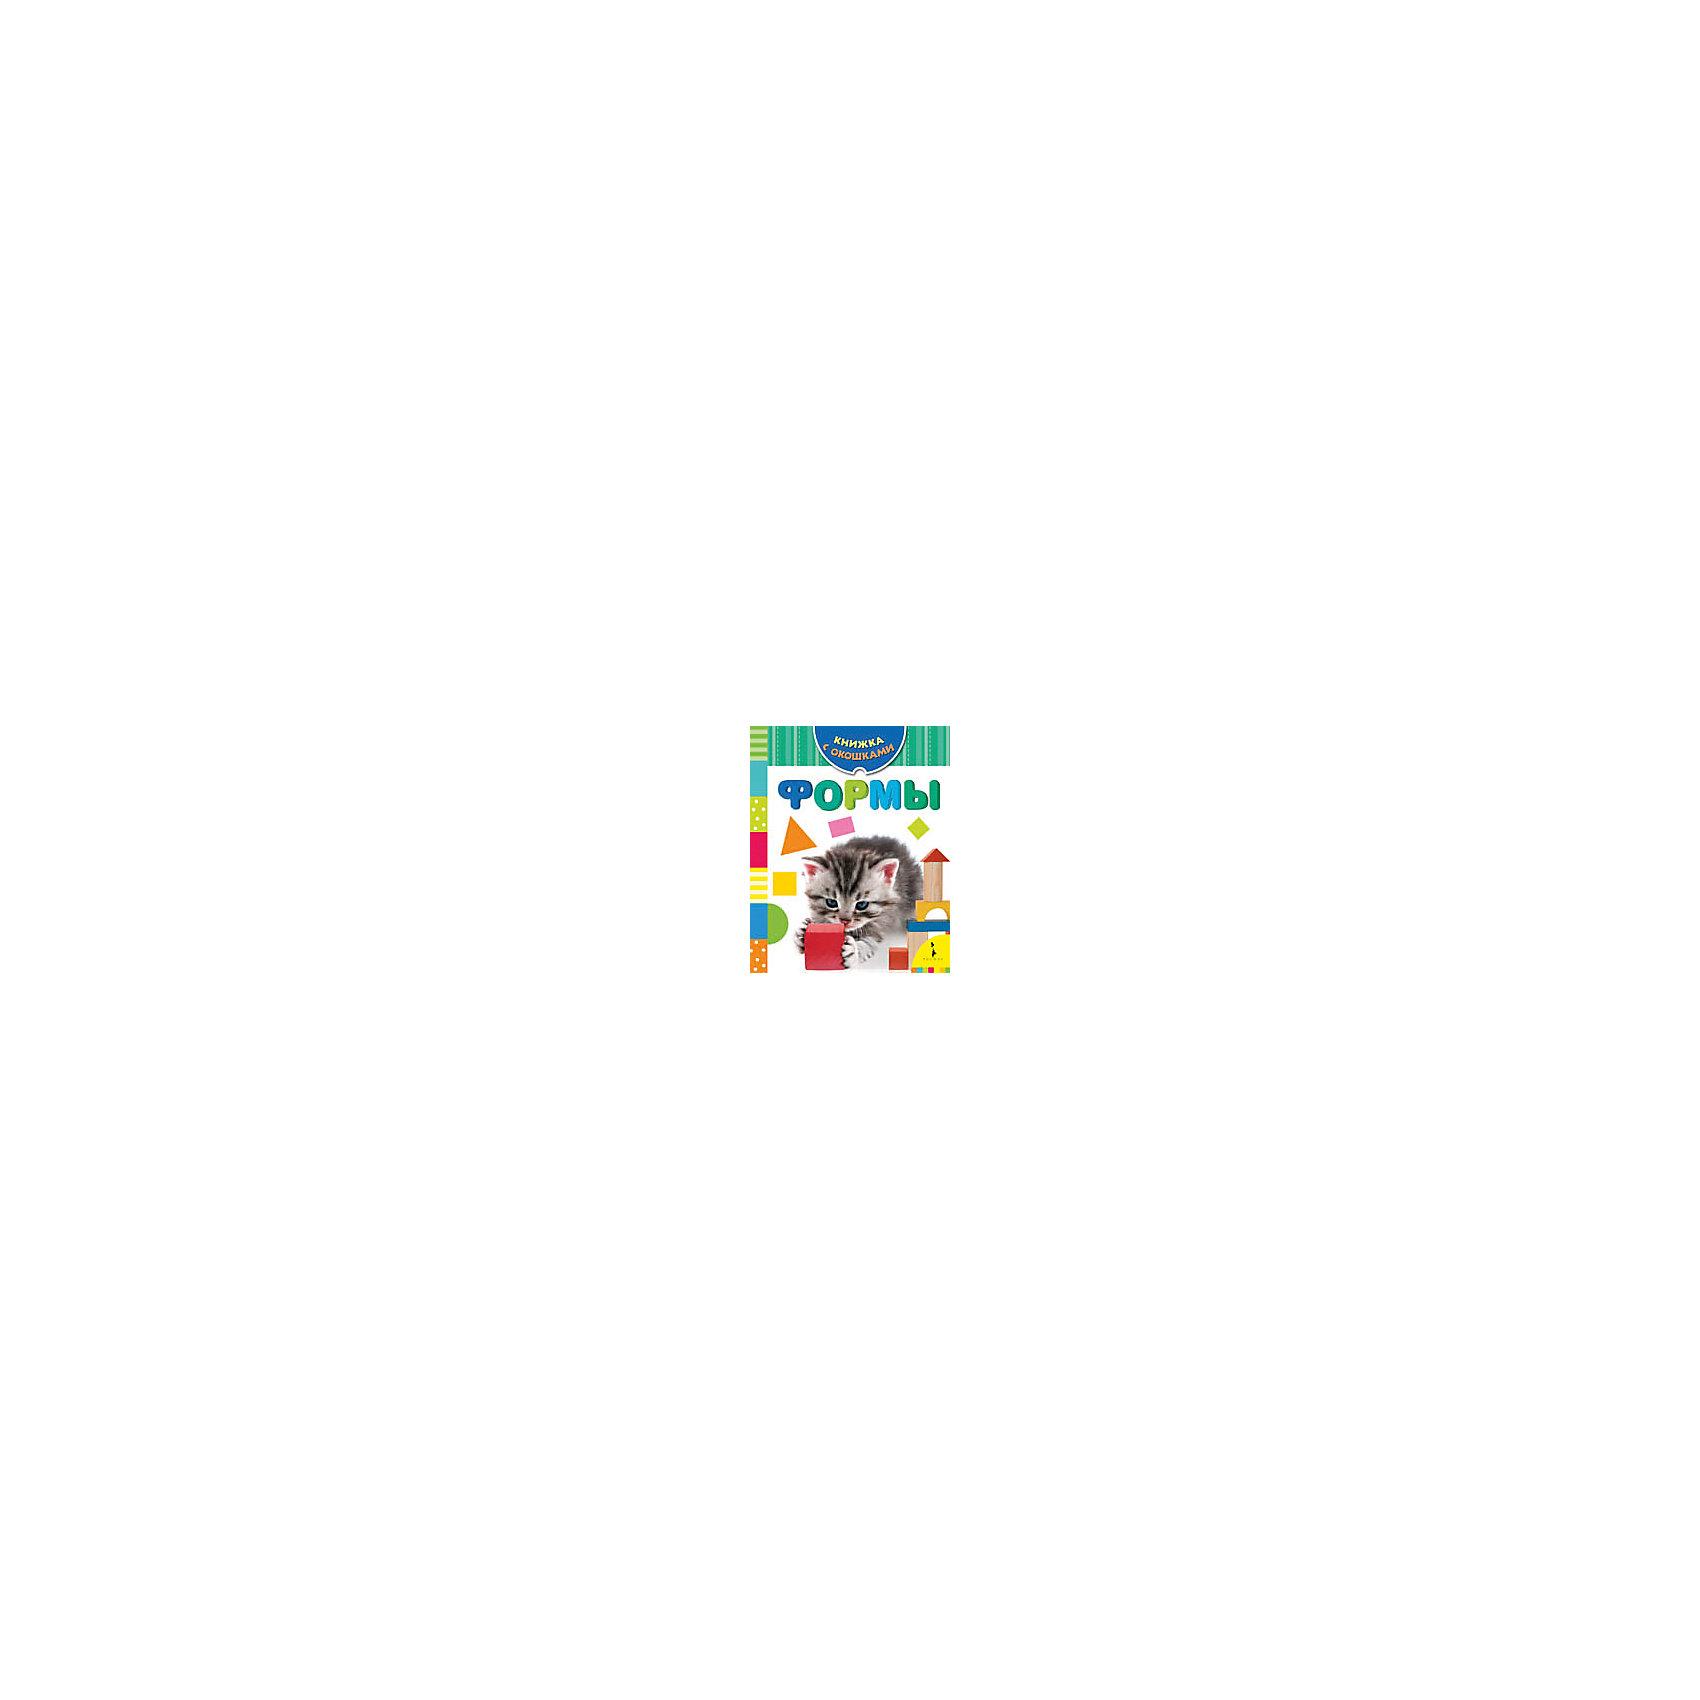 Книжка с окошками ФормыФормы, Книжка с окошками<br><br>Характеристики:<br><br>- издательство: Росмэн<br>- количество страниц: 8<br>- формат: 18 * 22 см.<br>- Тип обложки: картонная<br>- Иллюстрации: цветные<br>- вес: 20 гр.<br><br>Книжка про формы станет отличным сюрпризом для маленьких детей. Интересные загадки и яркие рисунки повседневных предметов в виде различных форм развеселят вашего кроху. Забавные окошки закрывают ответы и малыш должен подумать сам какой же кроется ответ. Книжка поможет малышу научиться определять формы фруктов, игрушек и повседневных предметов. Каждая страничка этой книжки делает героев и их окружение живыми благодаря раскладывающимся окошкам. Эта необычная книга сделает обучение веселее и интереснее. <br><br>Формы, Книжку с окошками можно купить в нашем интернет-магазине.<br><br>Ширина мм: 220<br>Глубина мм: 178<br>Высота мм: 7<br>Вес г: 187<br>Возраст от месяцев: 0<br>Возраст до месяцев: 36<br>Пол: Унисекс<br>Возраст: Детский<br>SKU: 5109753